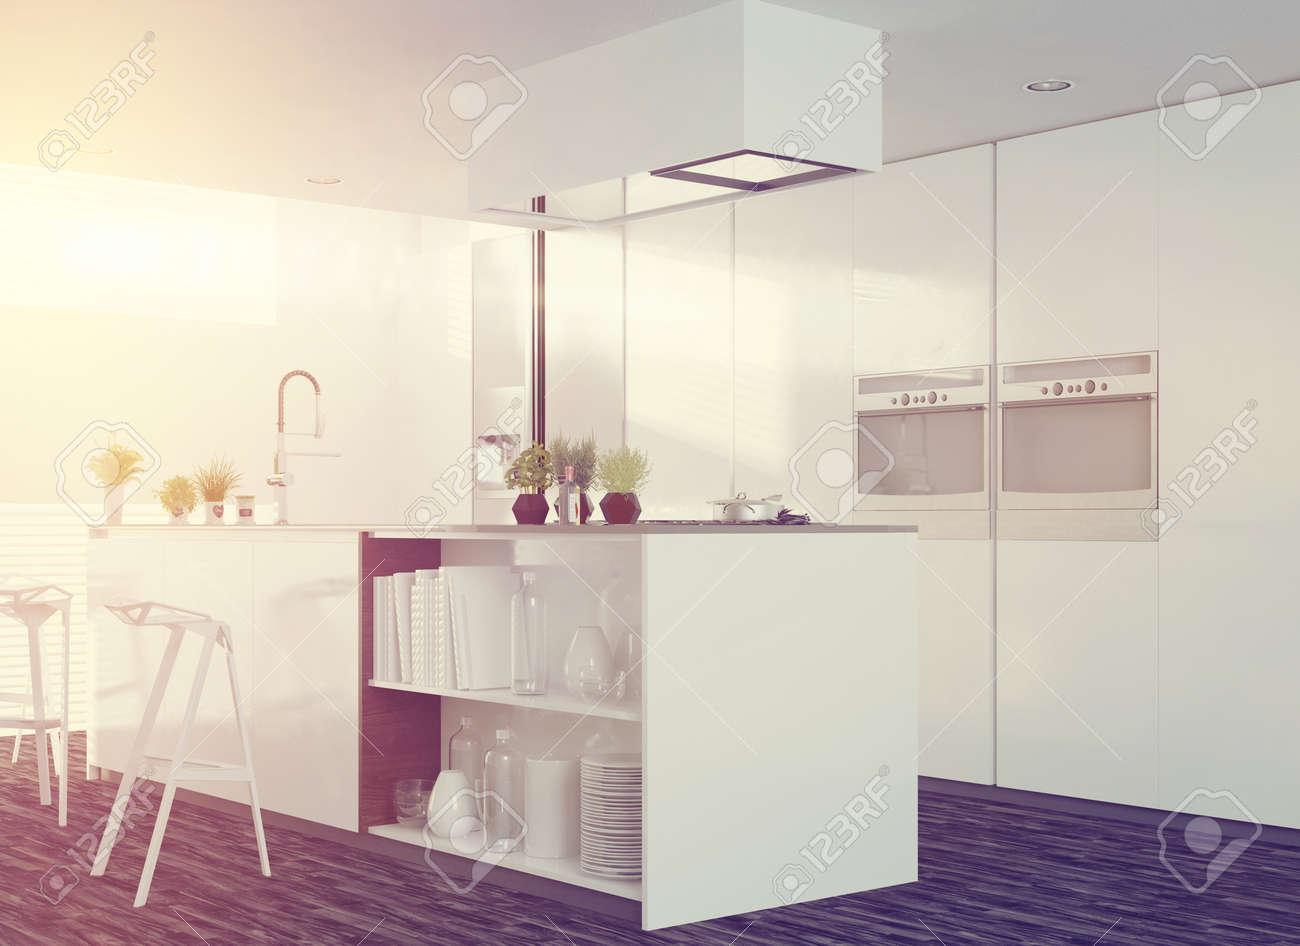 Interior De Cocina Blanco Limpio Moderno Con Un Diseño De Planta ...